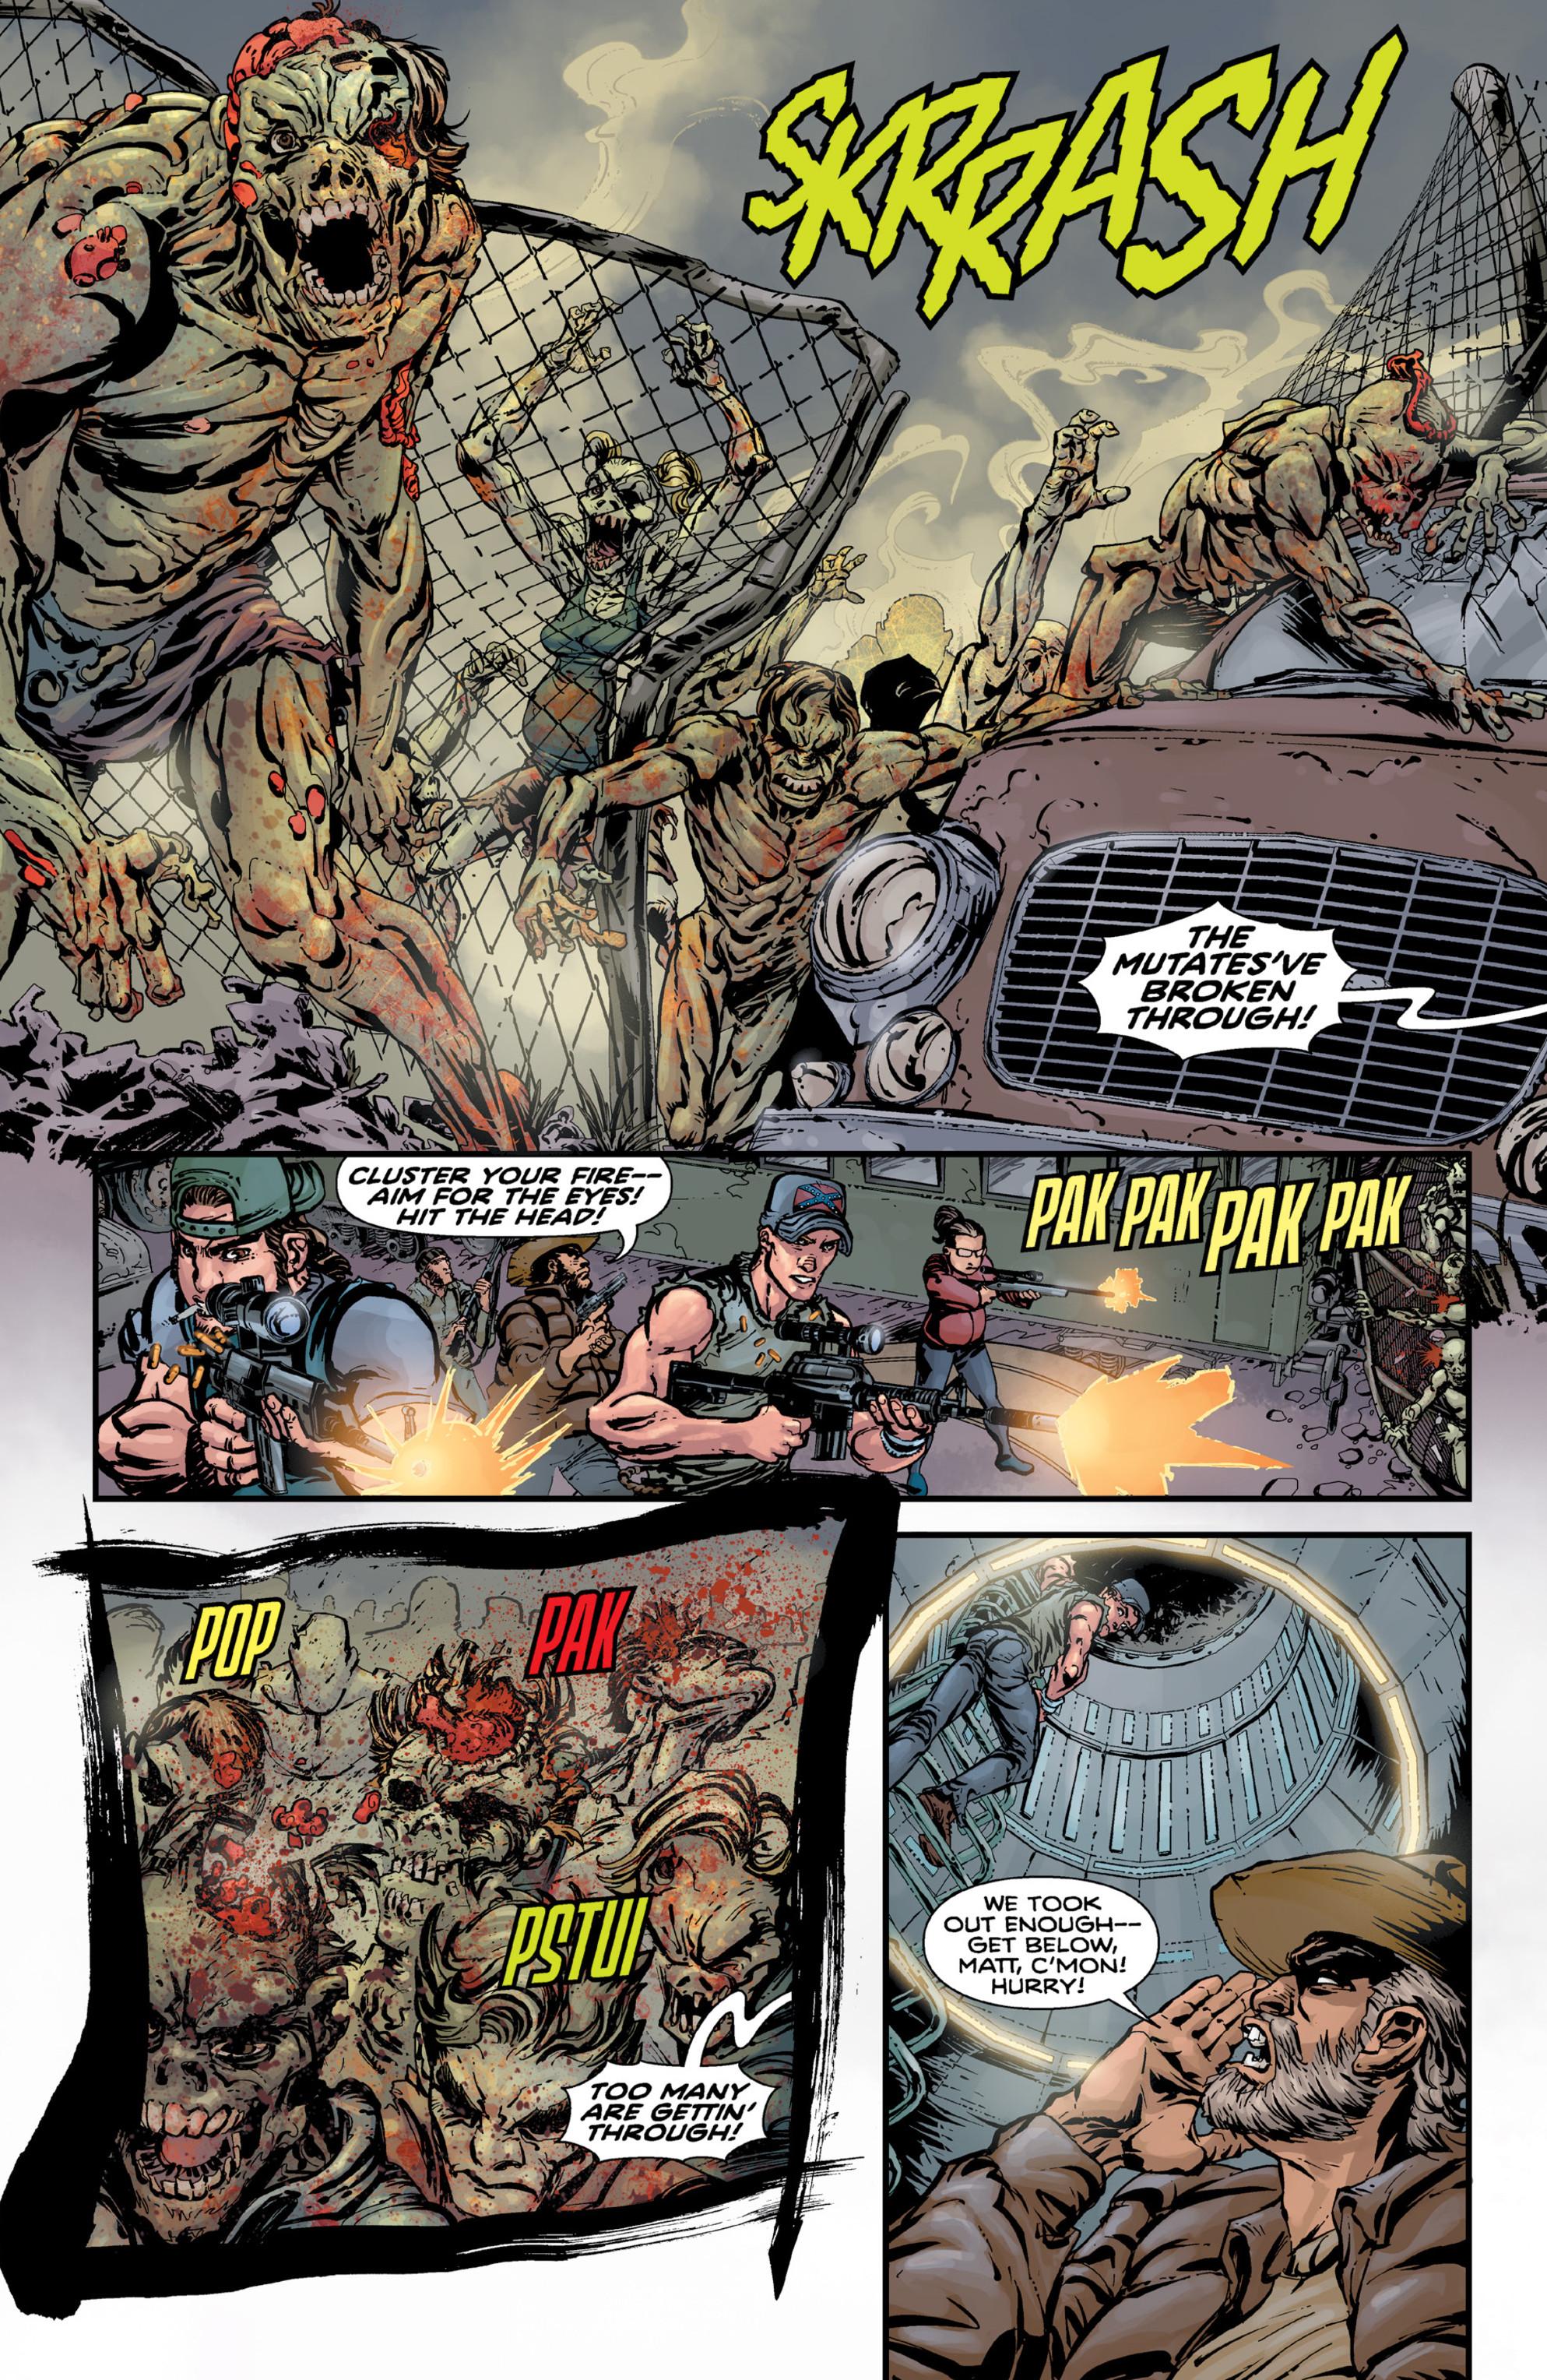 Read online Brain Boy:  The Men from G.E.S.T.A.L.T. comic -  Issue # TPB - 56